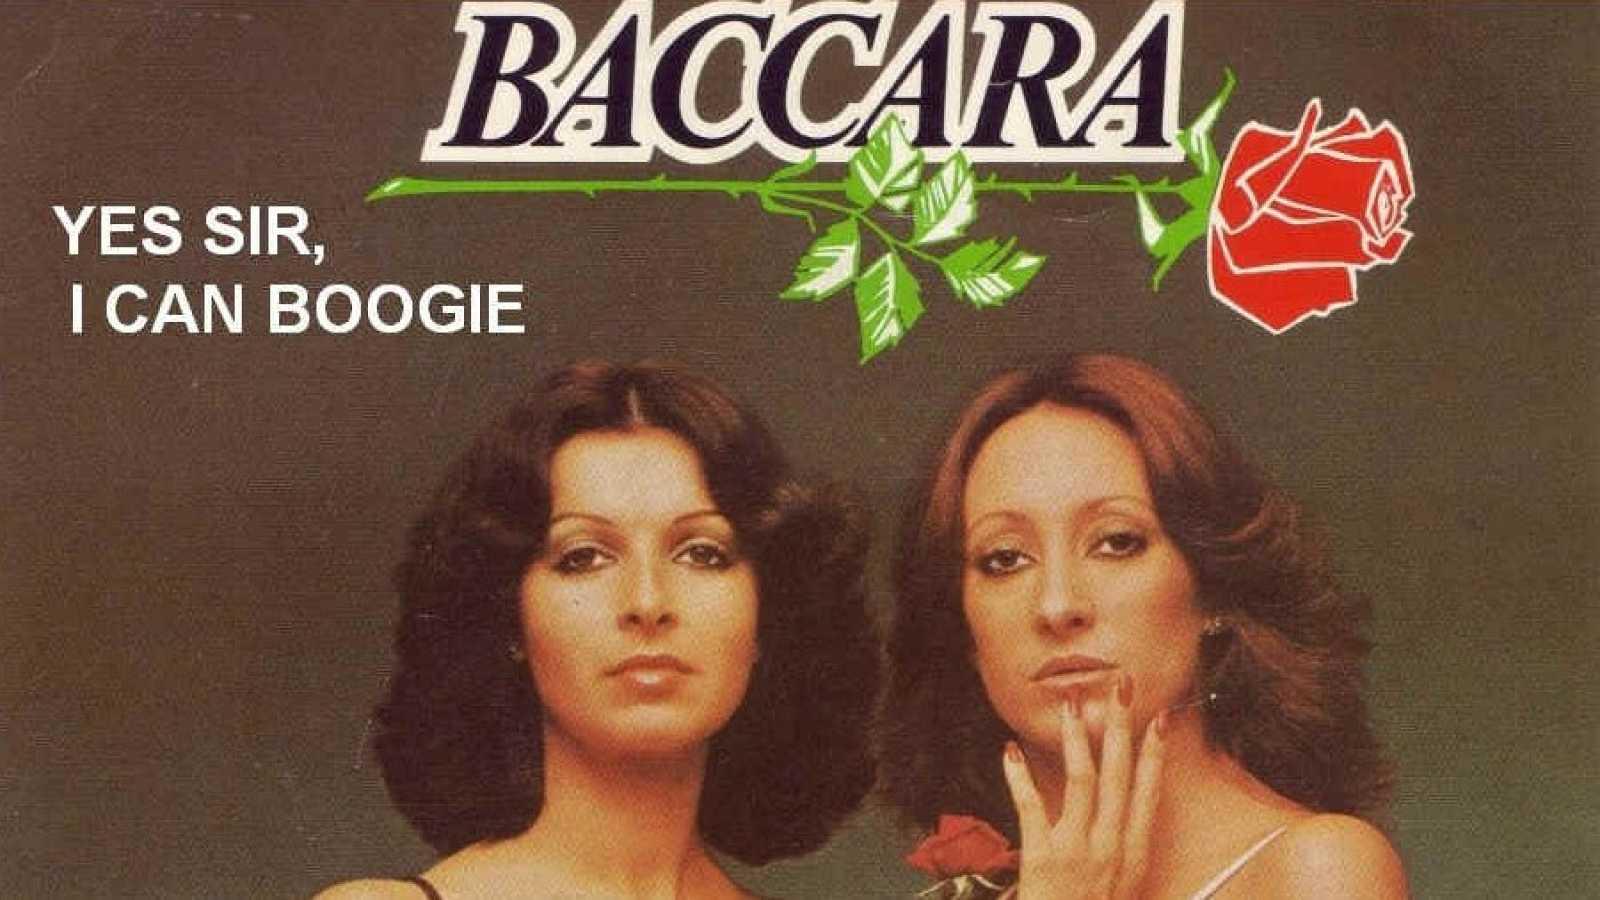 'Yes Sir, I can boogie', del dúo español Baccara, se convierte en el 'himno' de Escocia para la Eurocopa